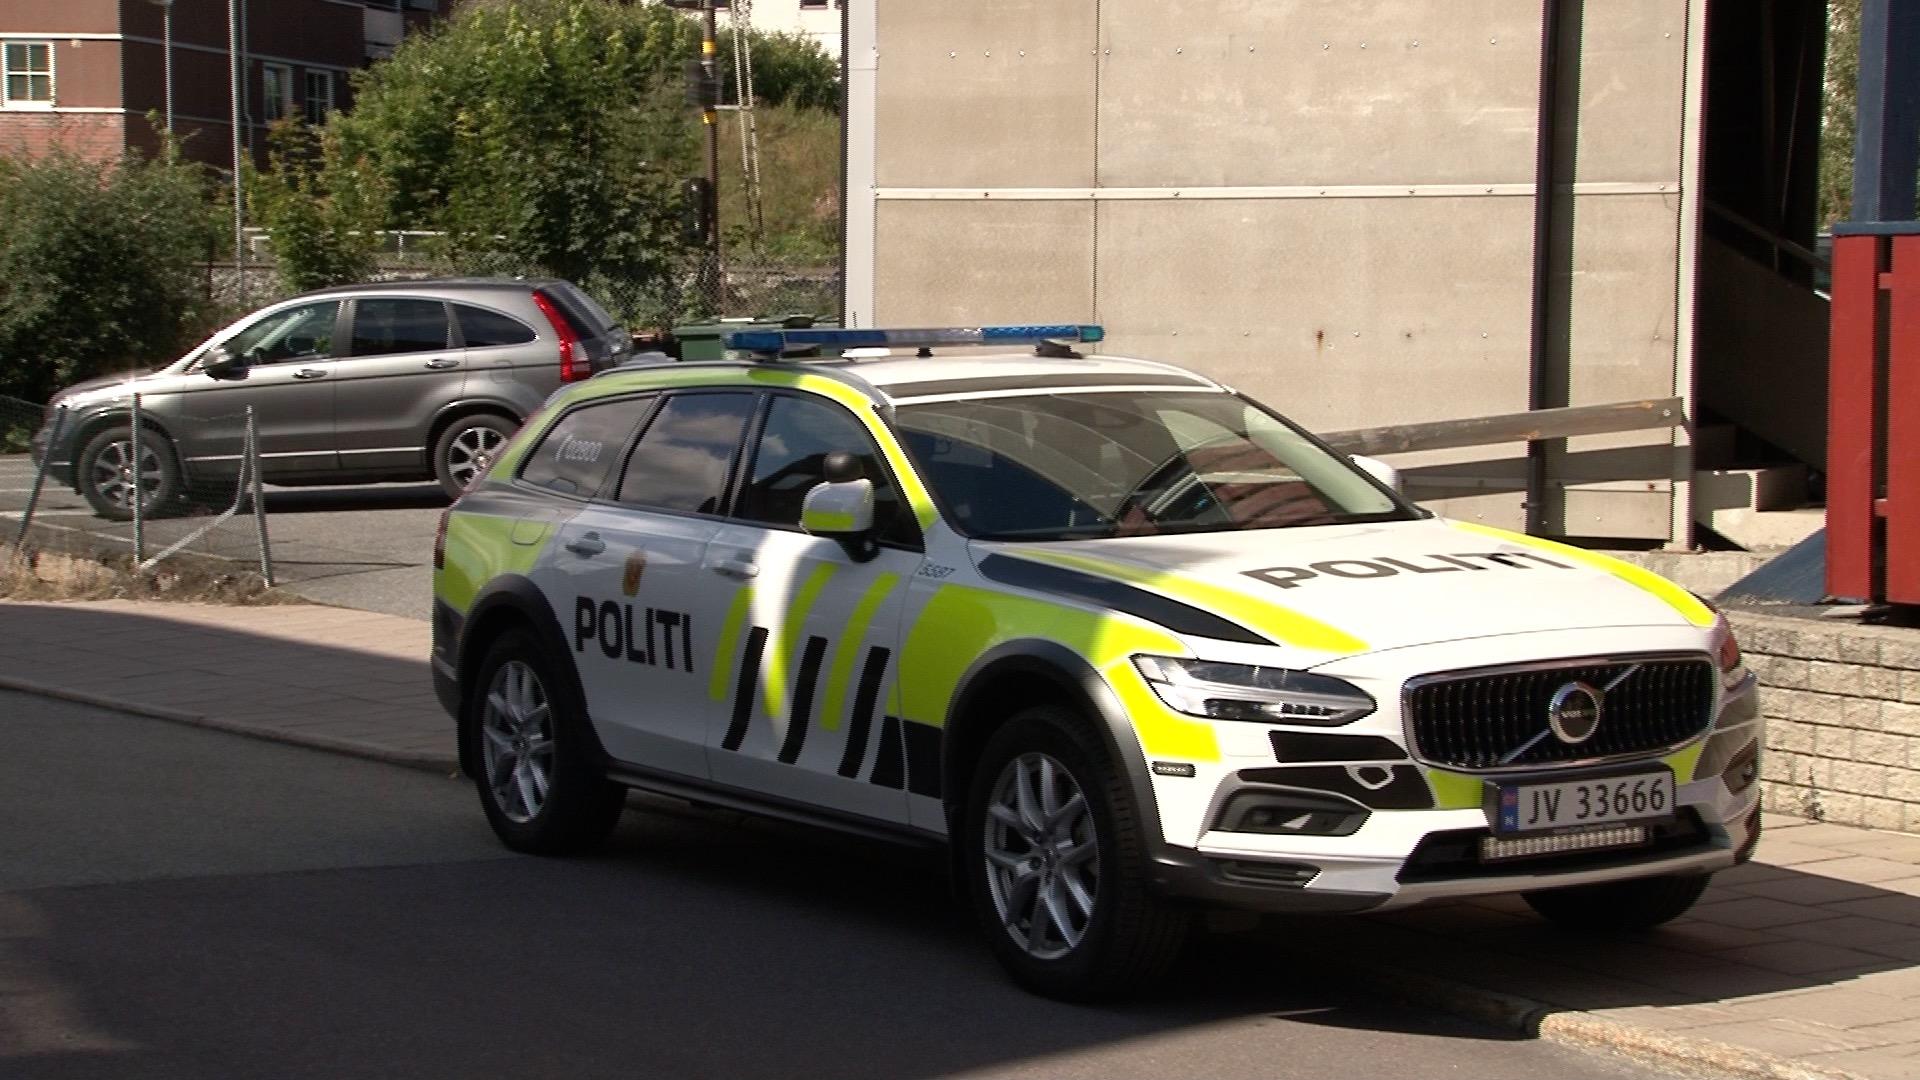 Politiaksjon i Vikersund sentrum